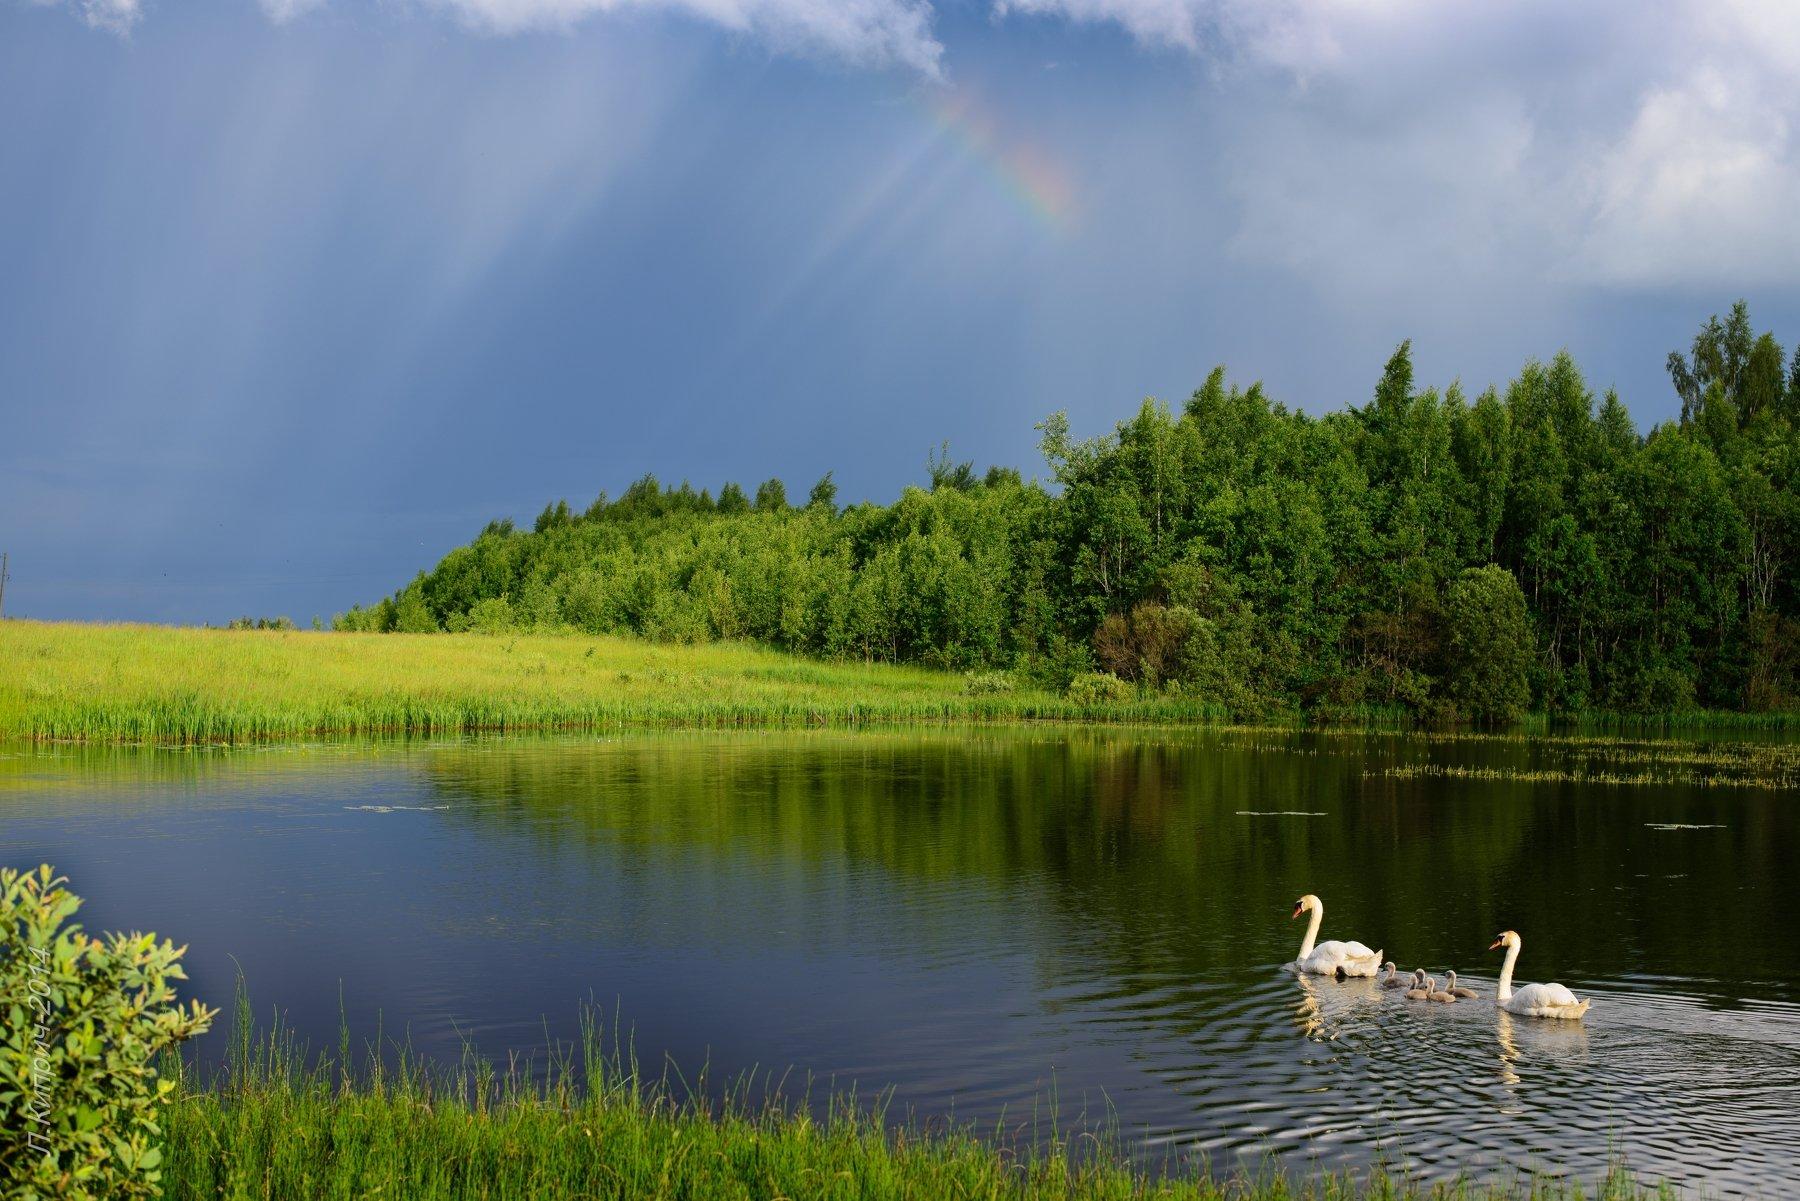 landscape, времена года, landscape, russia, sommer, водная гладь, голубая вода, грация, лебеди,  радуга, россия, свет, тень, смоленская область,, Лидия Киприч